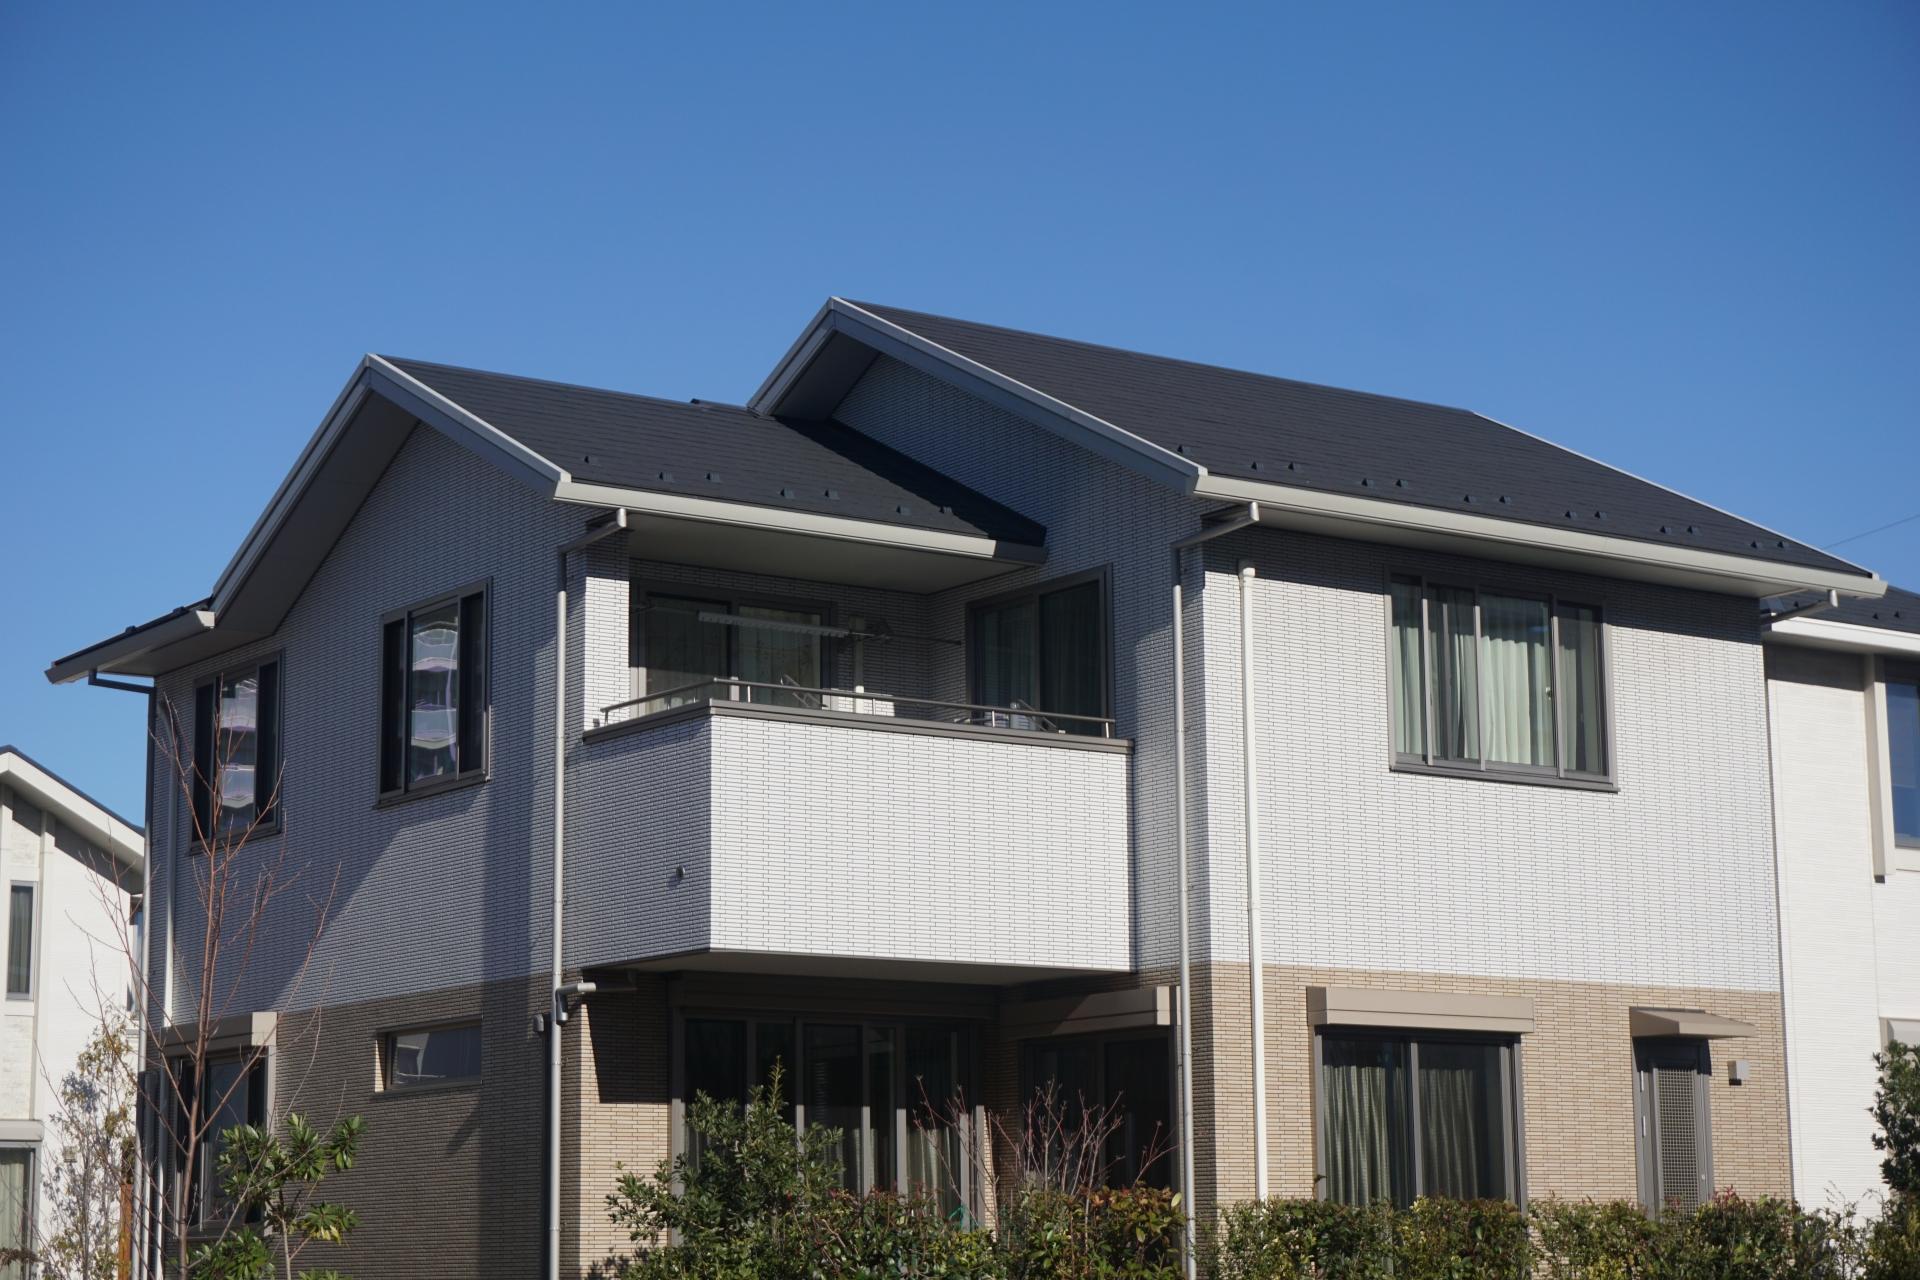 屋根ガルバリウム鋼板シール工法(シーガード)プラン